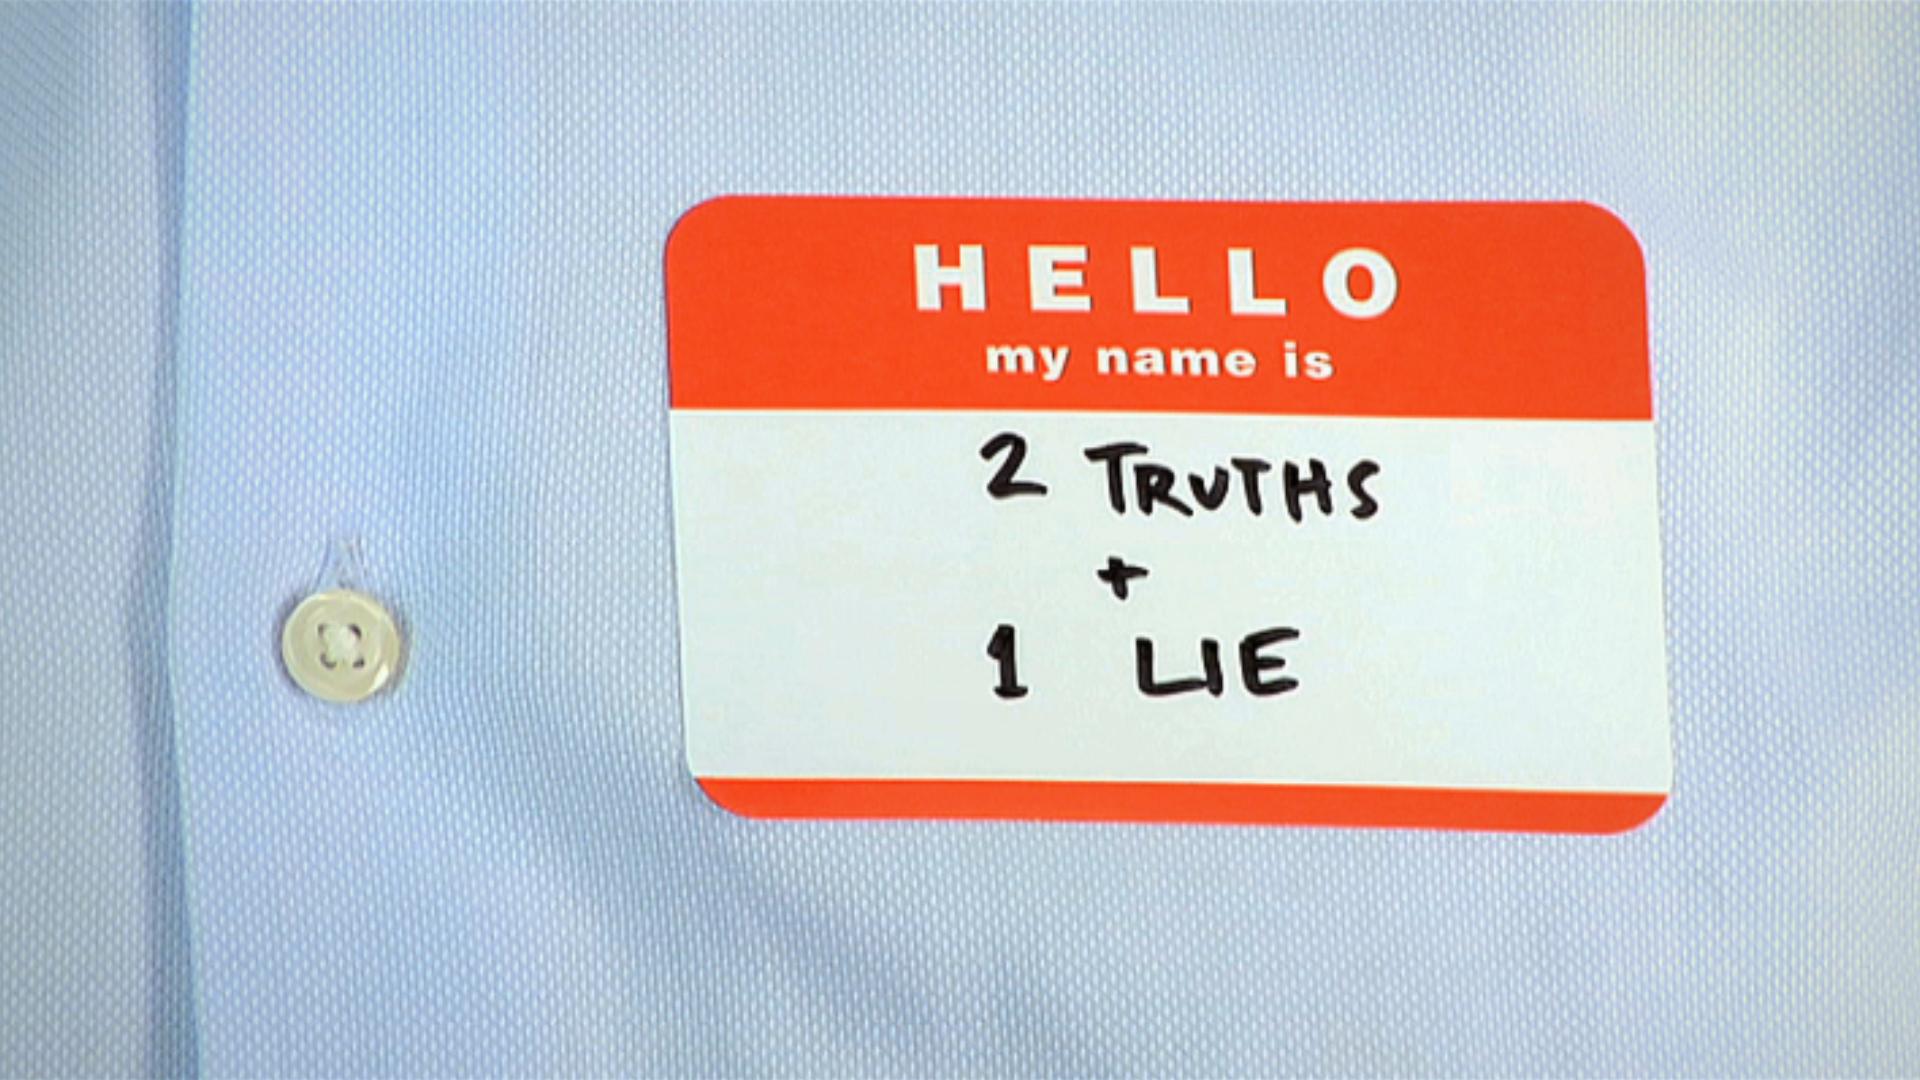 2 TRUTHS + 1 LIE  film